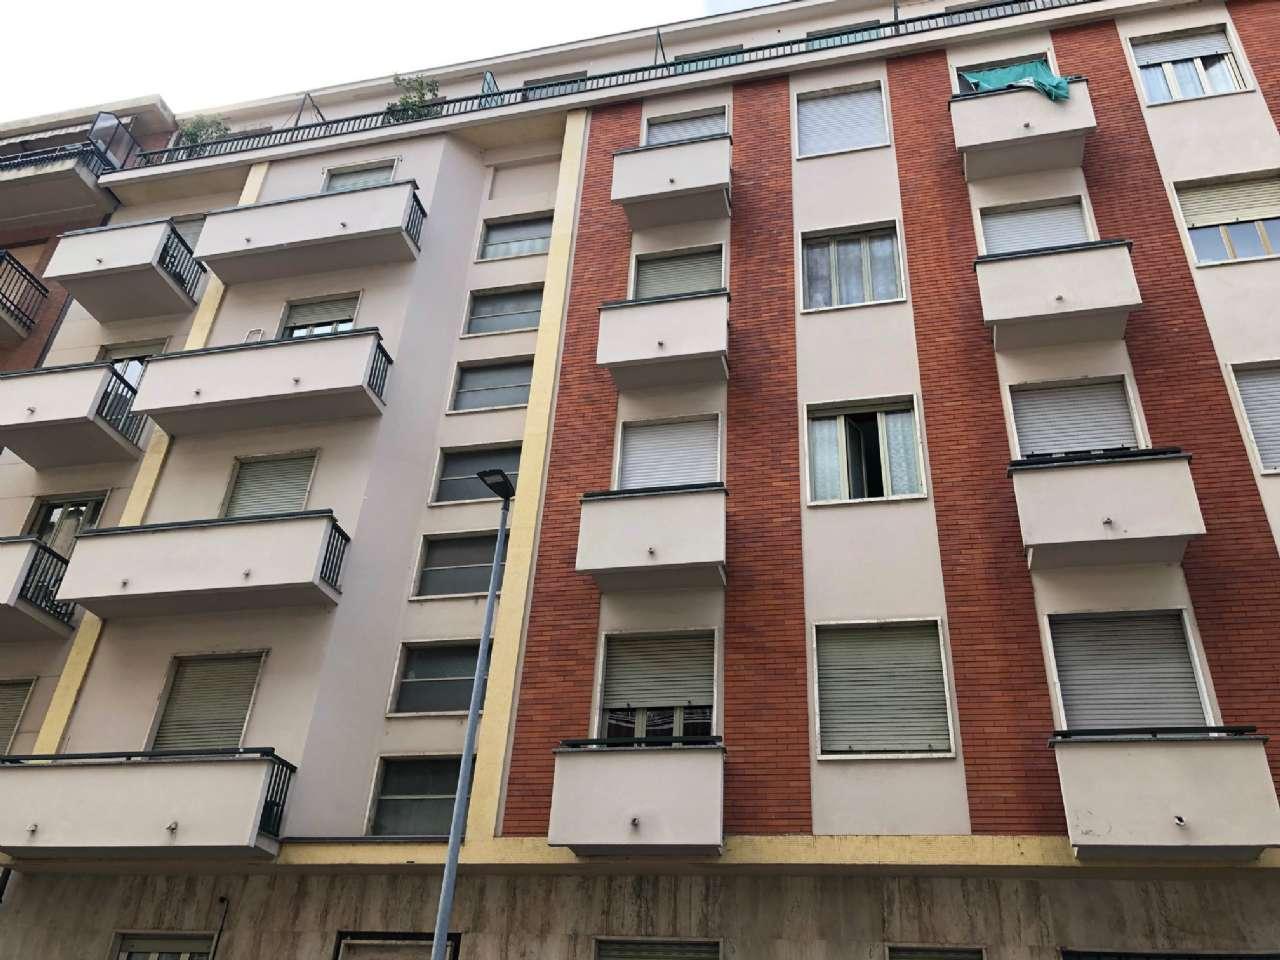 Appartamento in vendita Zona Madonna di Campagna, Borgo Vittoria... - via caltanissetta 5 Torino